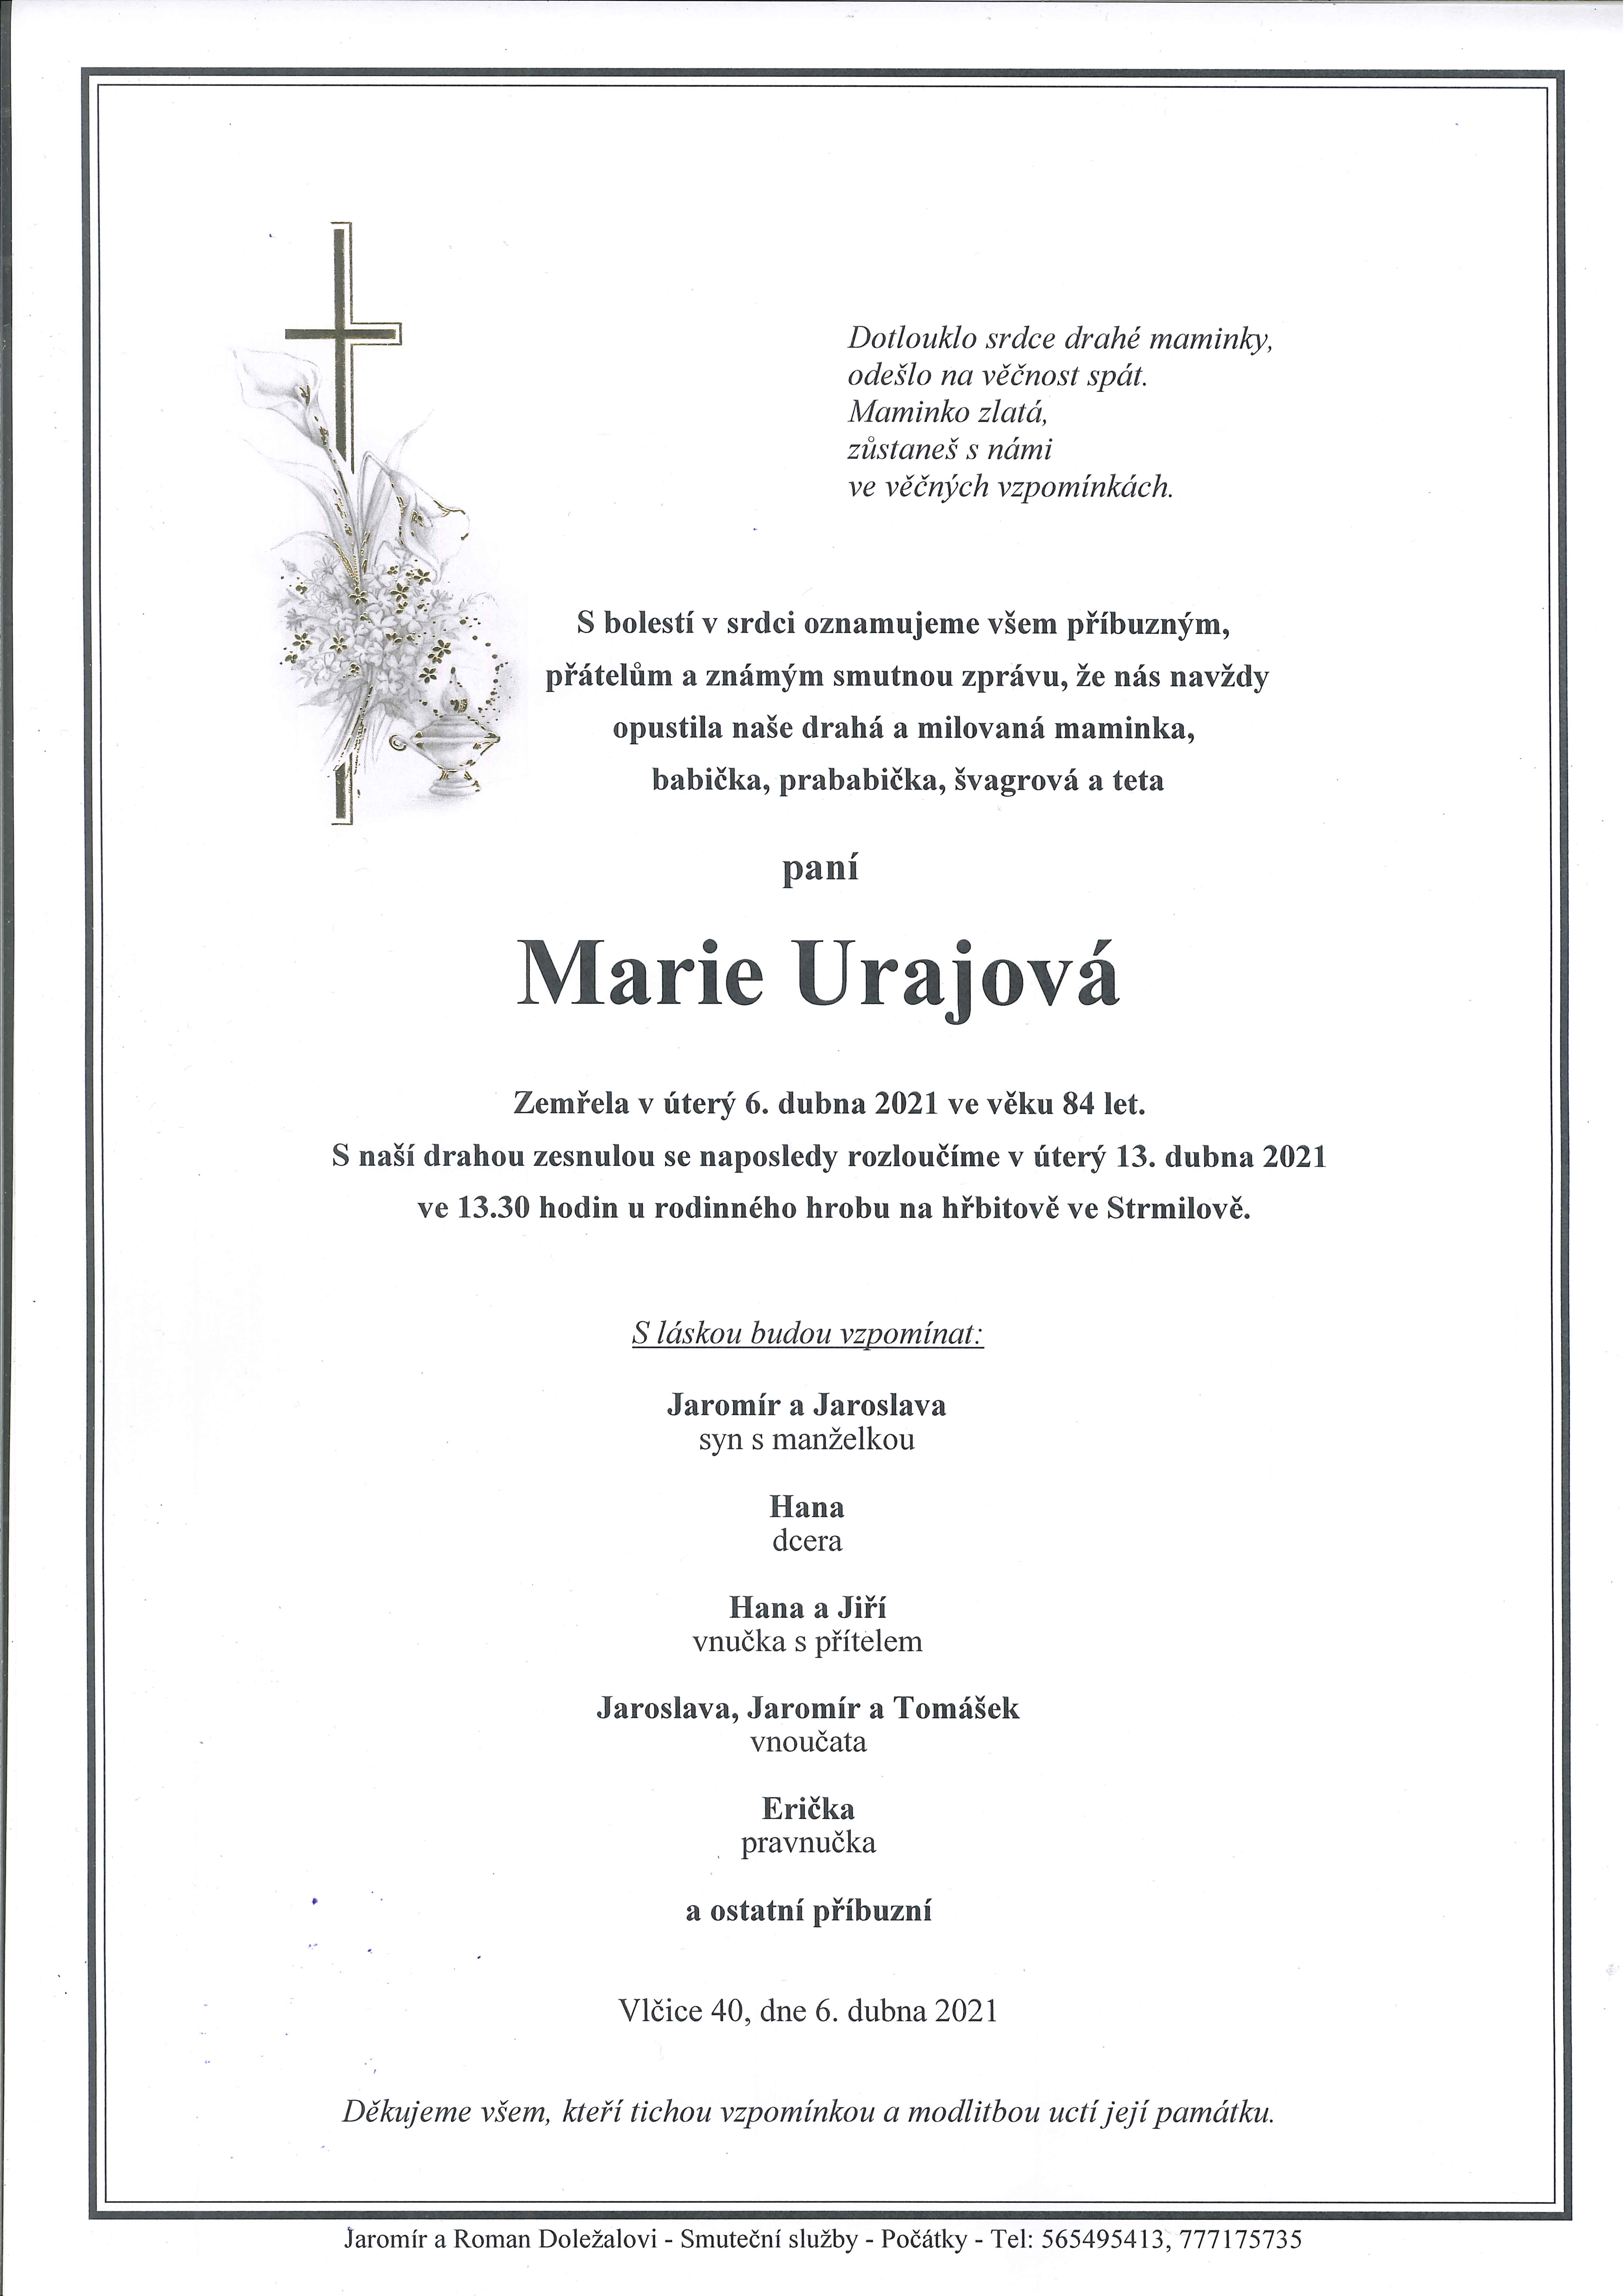 Marie Urajová